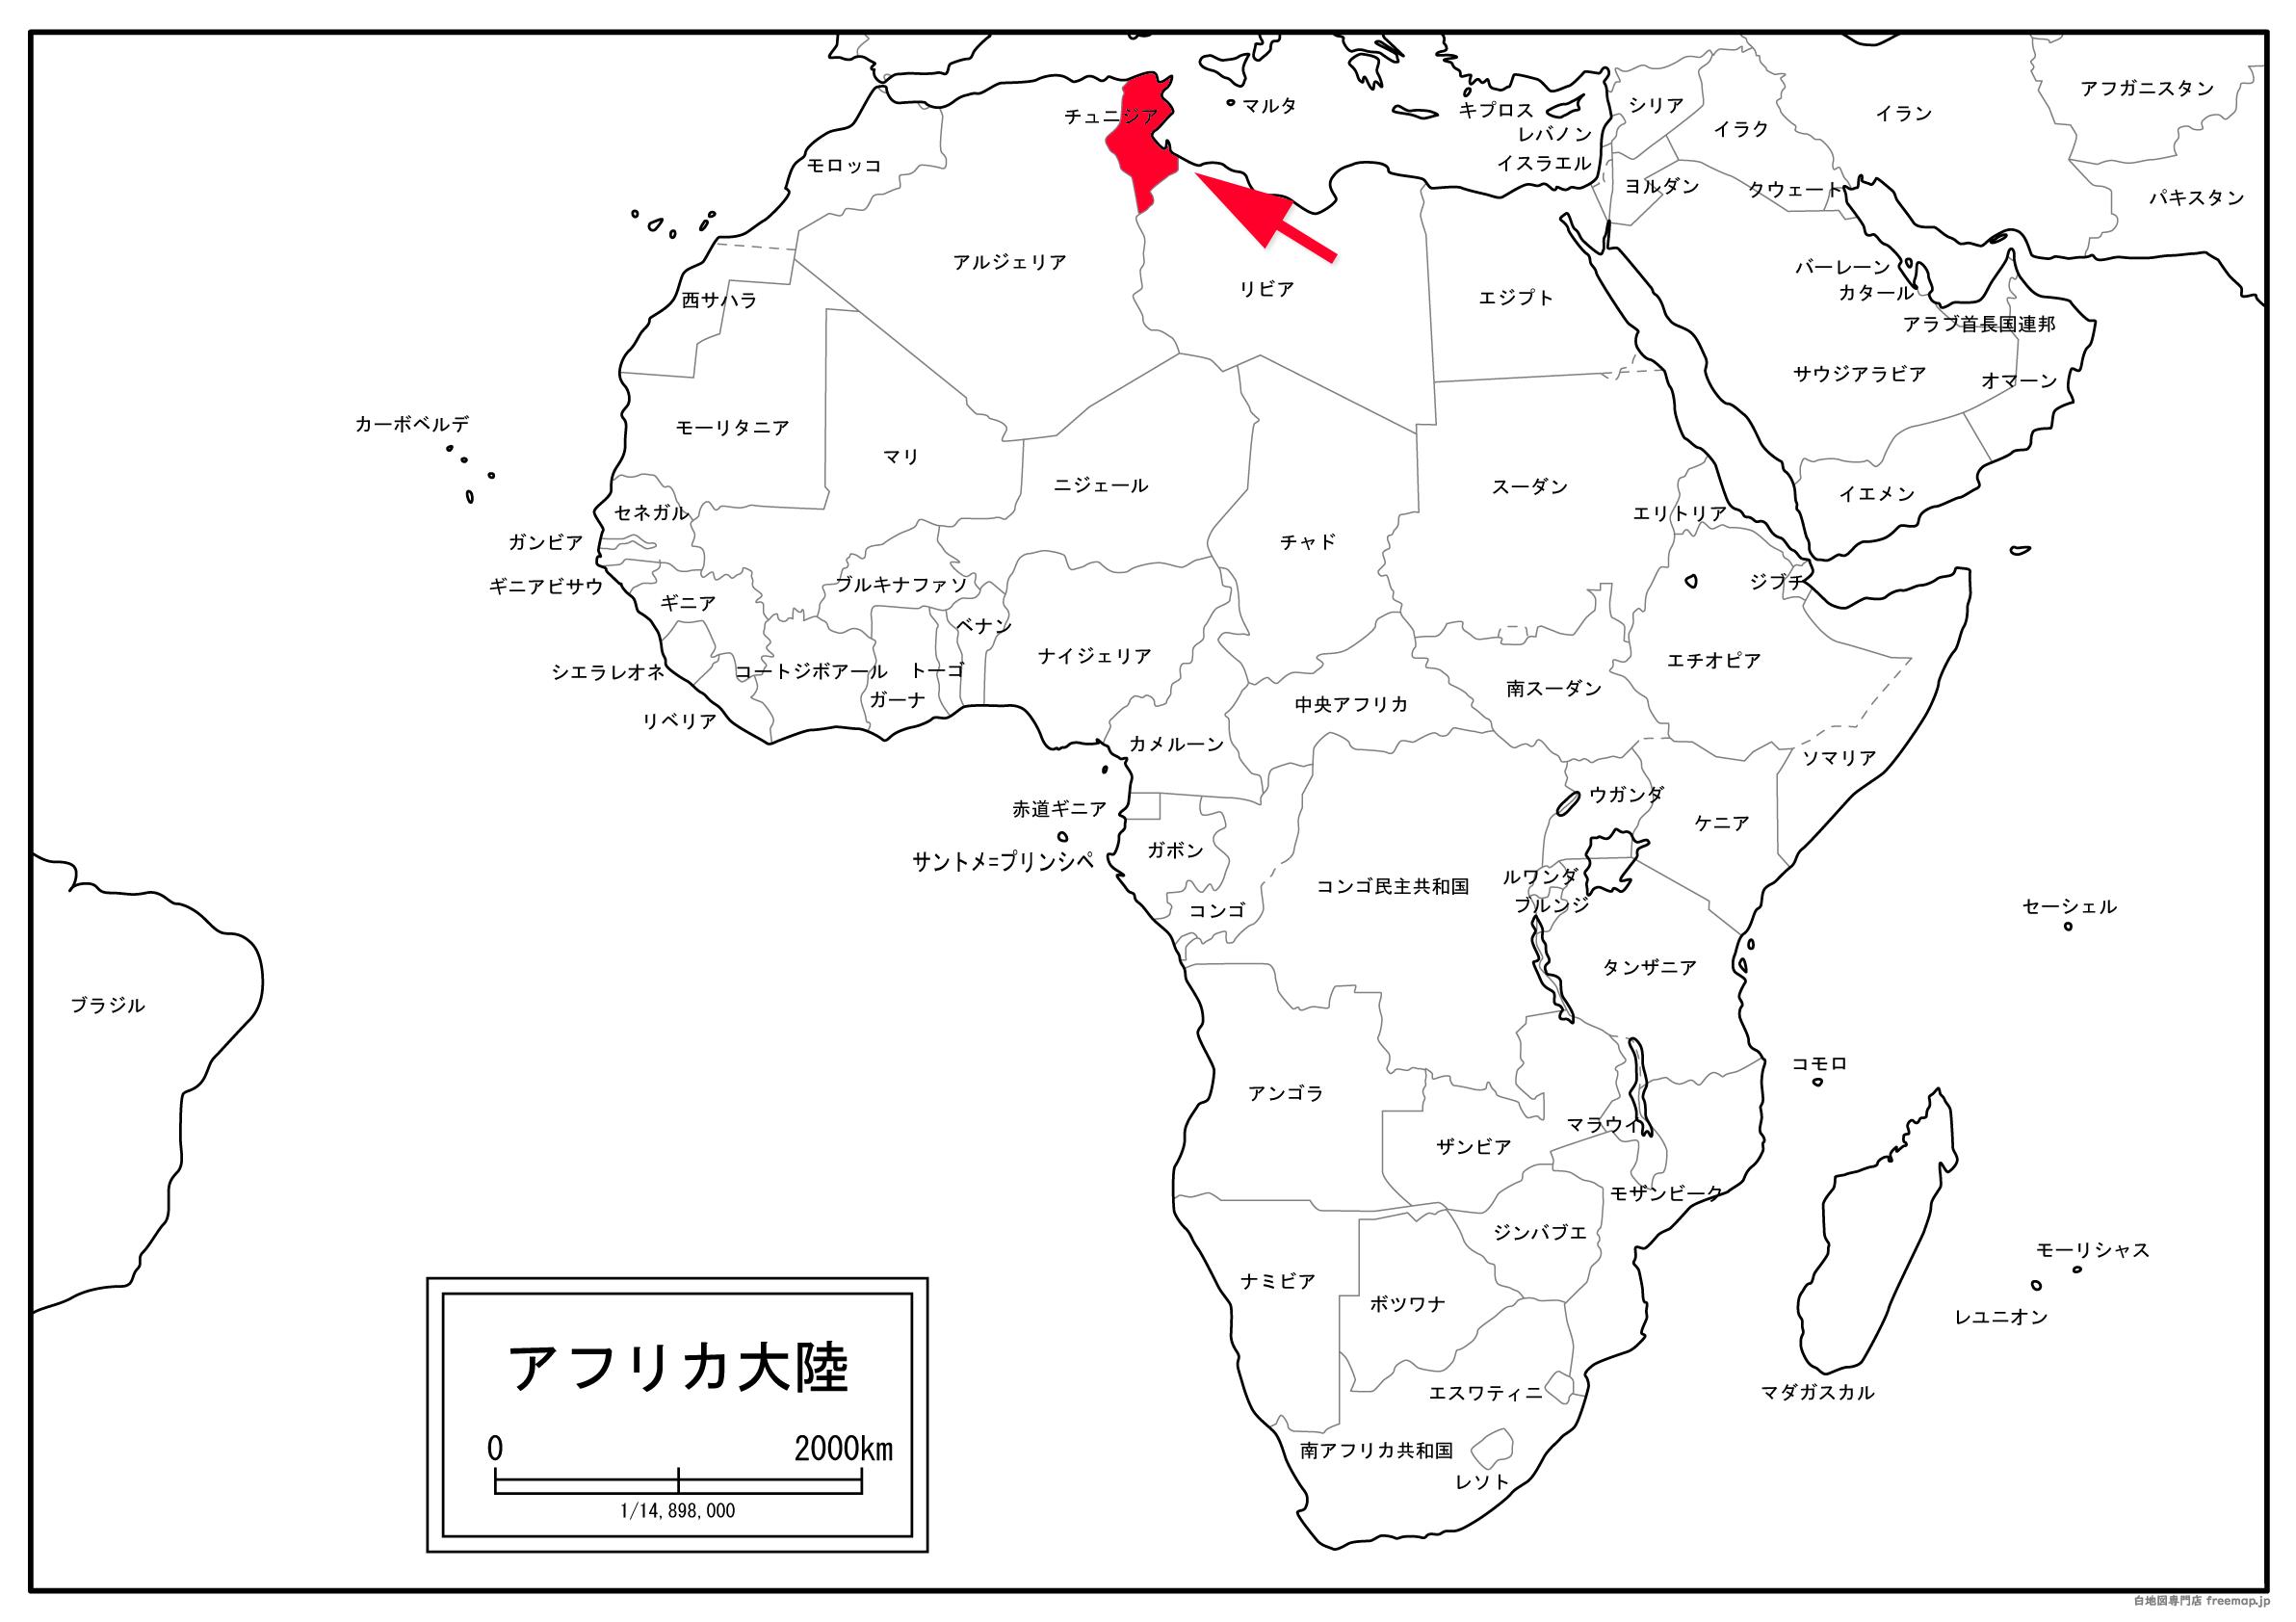 チュニジアの位置